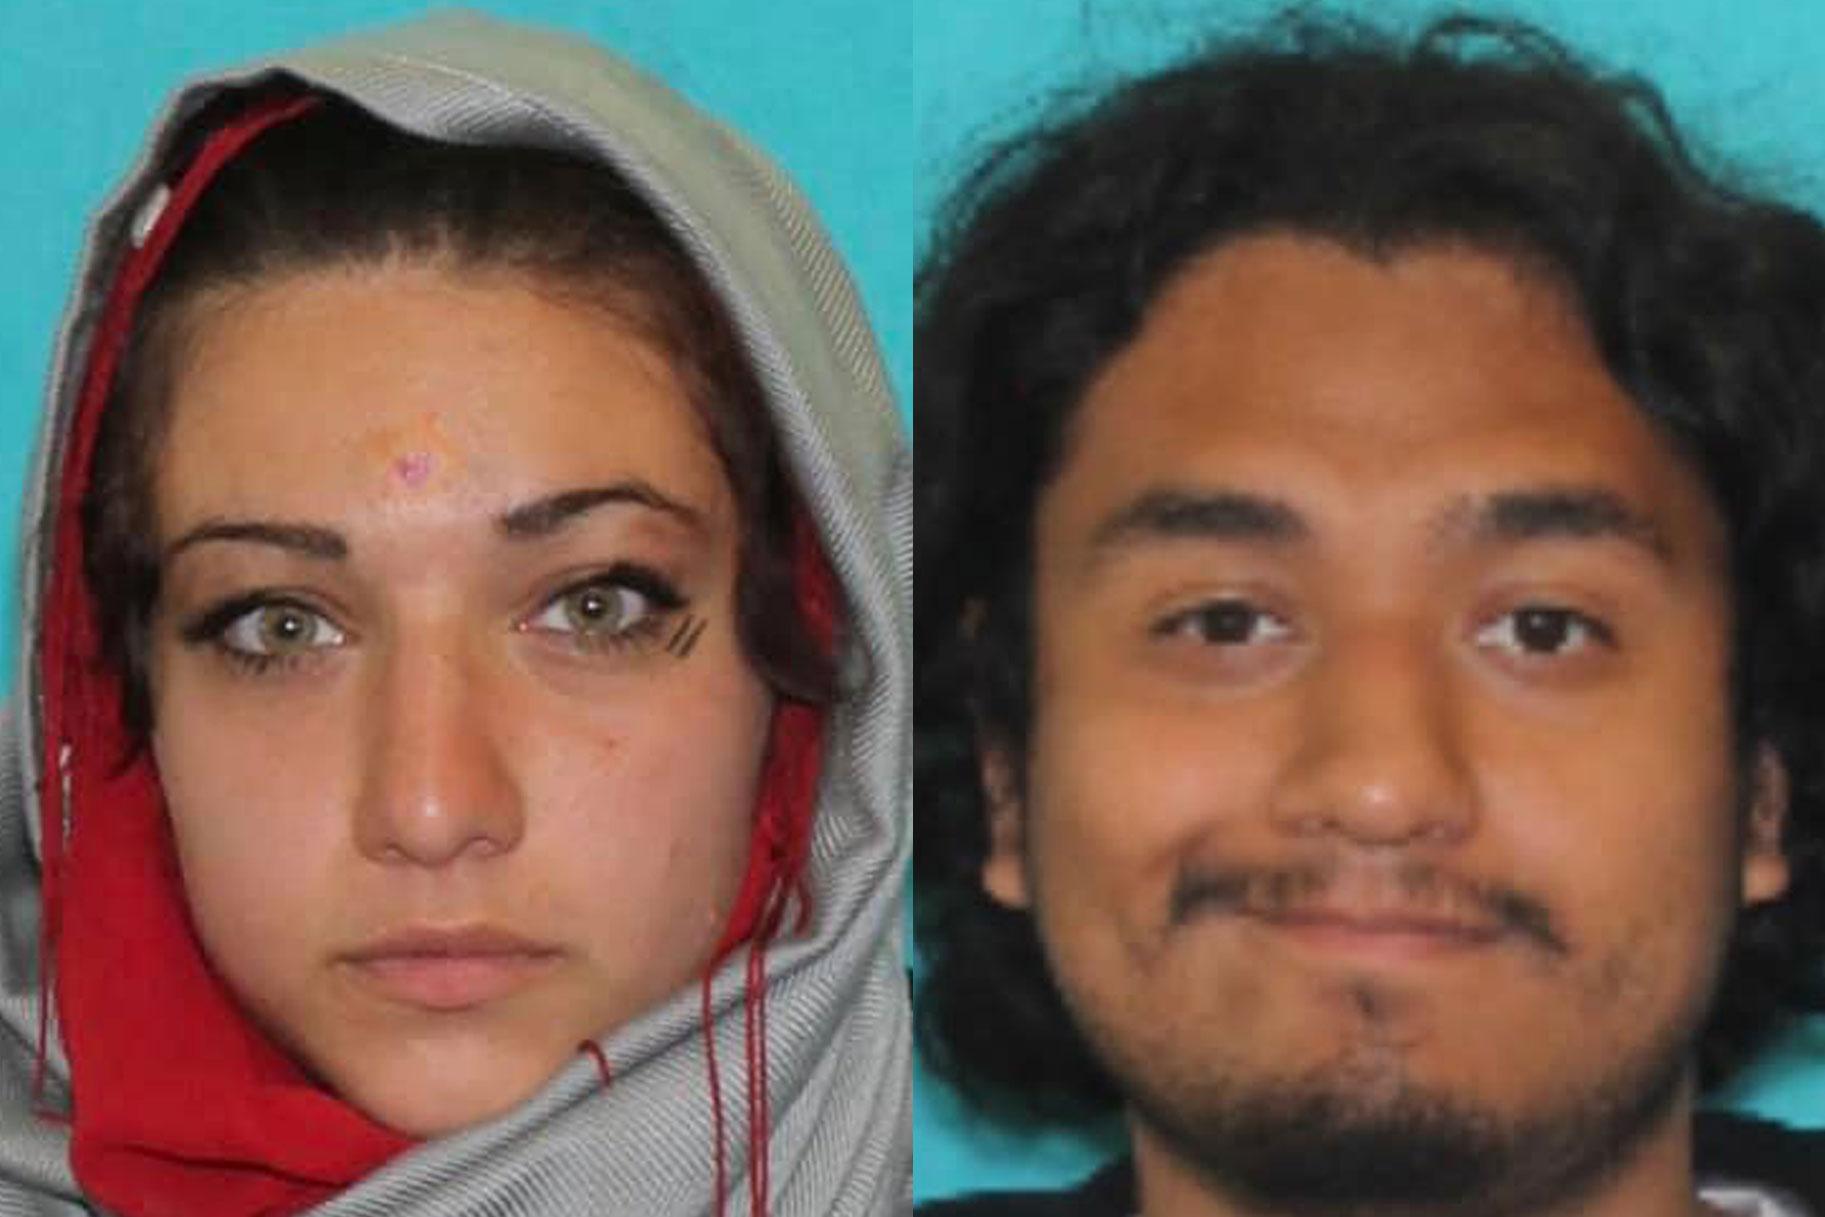 Ένας άντρας συνελήφθη για δολοφονία της Γιούτα, η γυναίκα άκουσε το αίτημα για τη ζωή της πριν σκοτωθεί